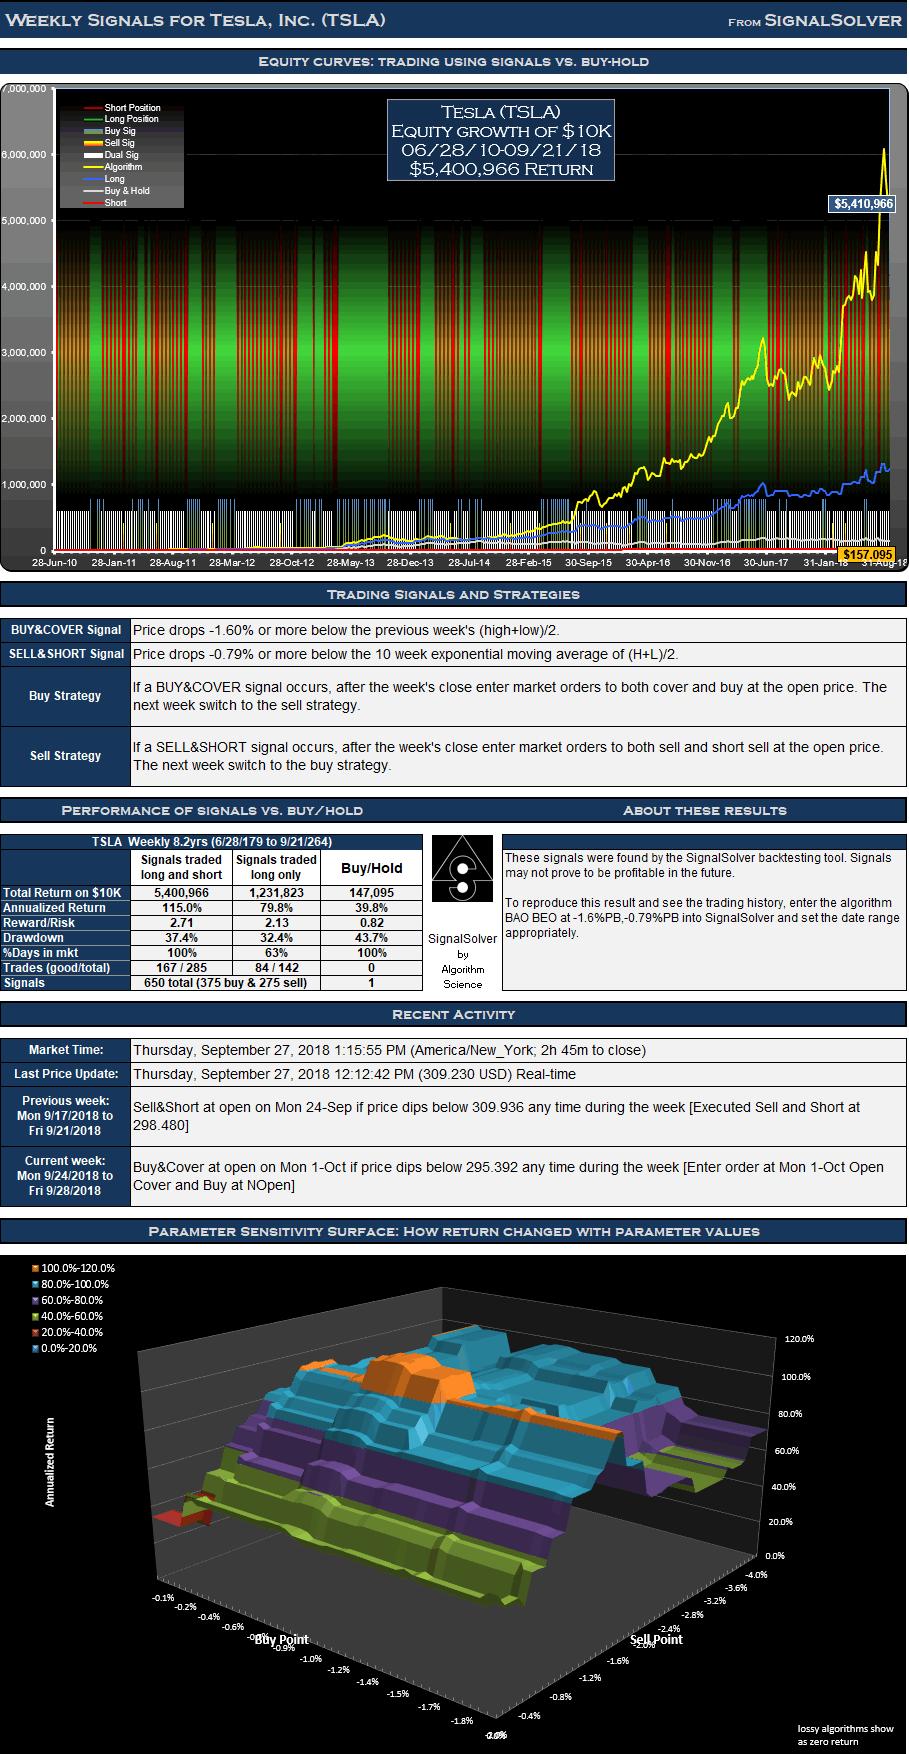 TSLA Signals Weekly